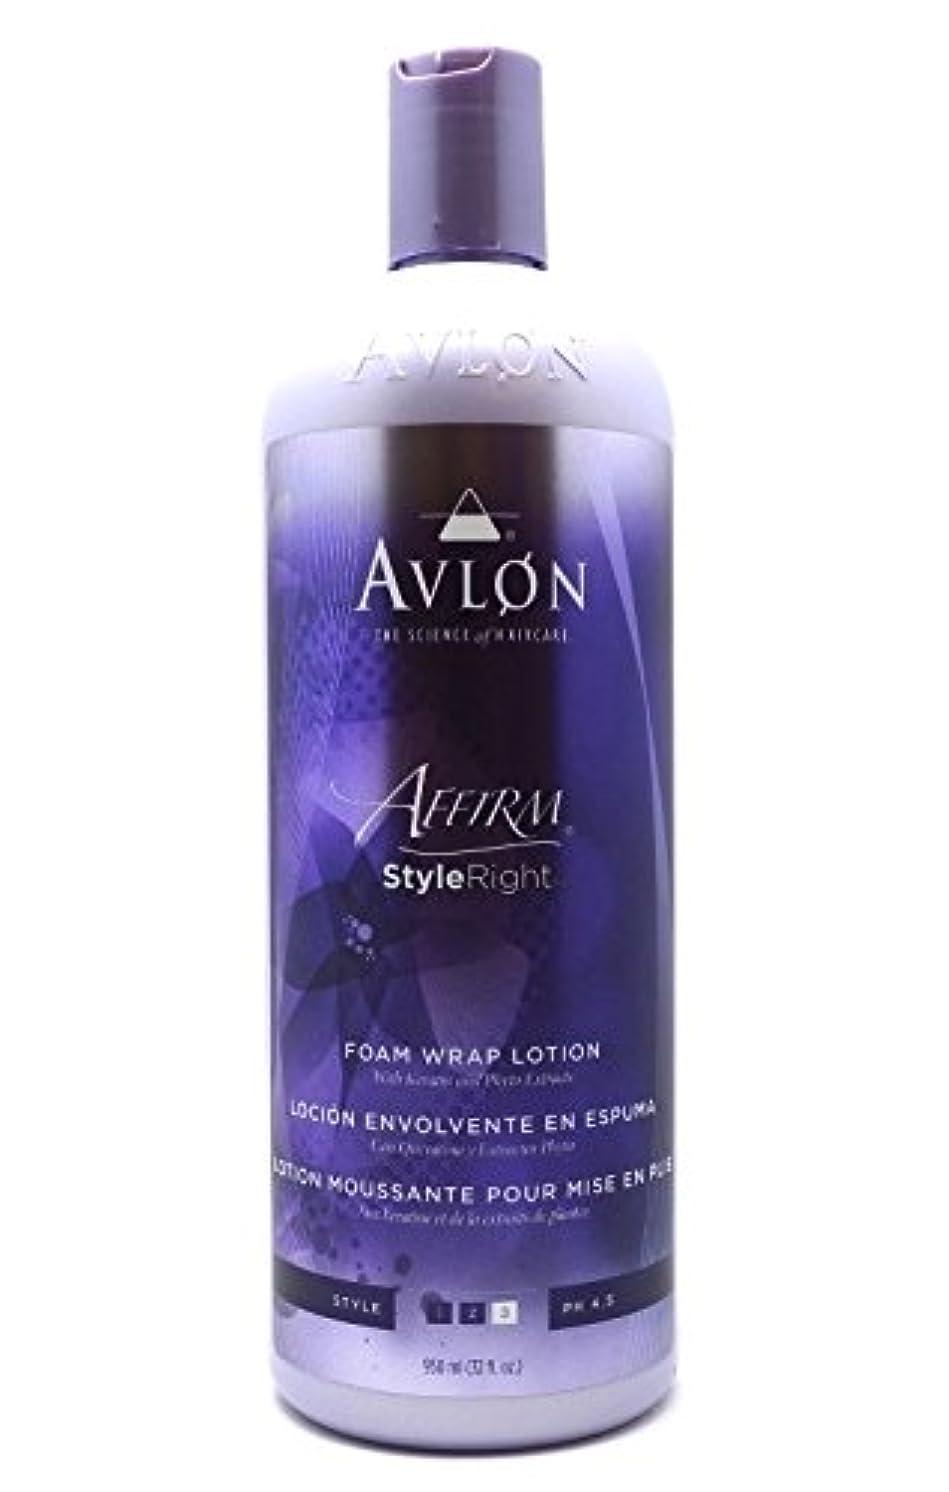 不良頼む本土Avlon Hair Care アバロンアファームスタイル右泡ラップローション - 32オンス 32オンス